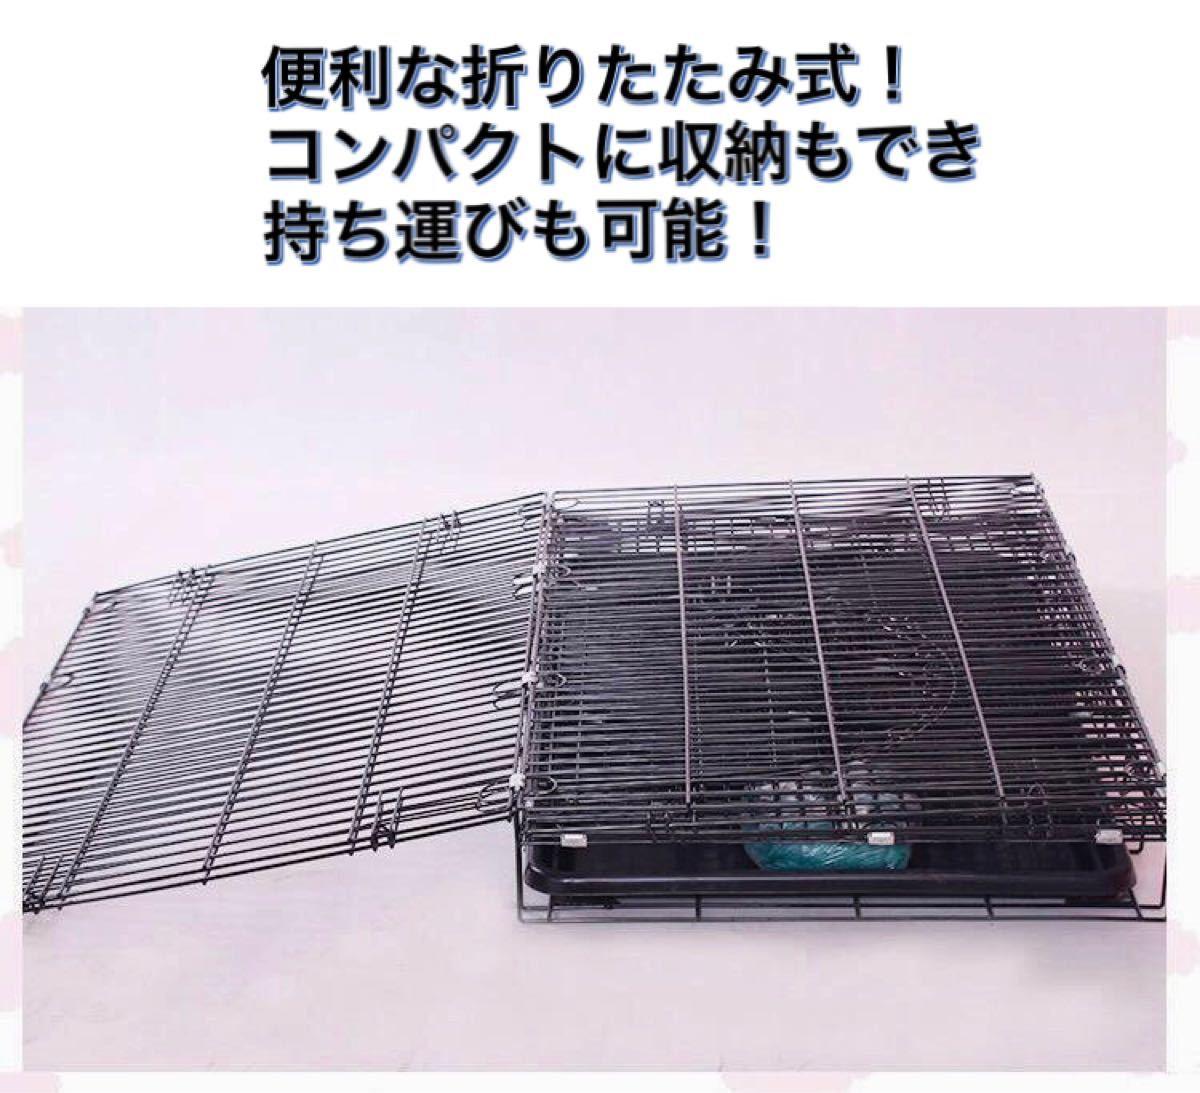 キャットケージ 猫ケージ ペットケージ 大型 2段3段 折りたたみ式 ペットハウス ゲージ ターコイズ ブルー